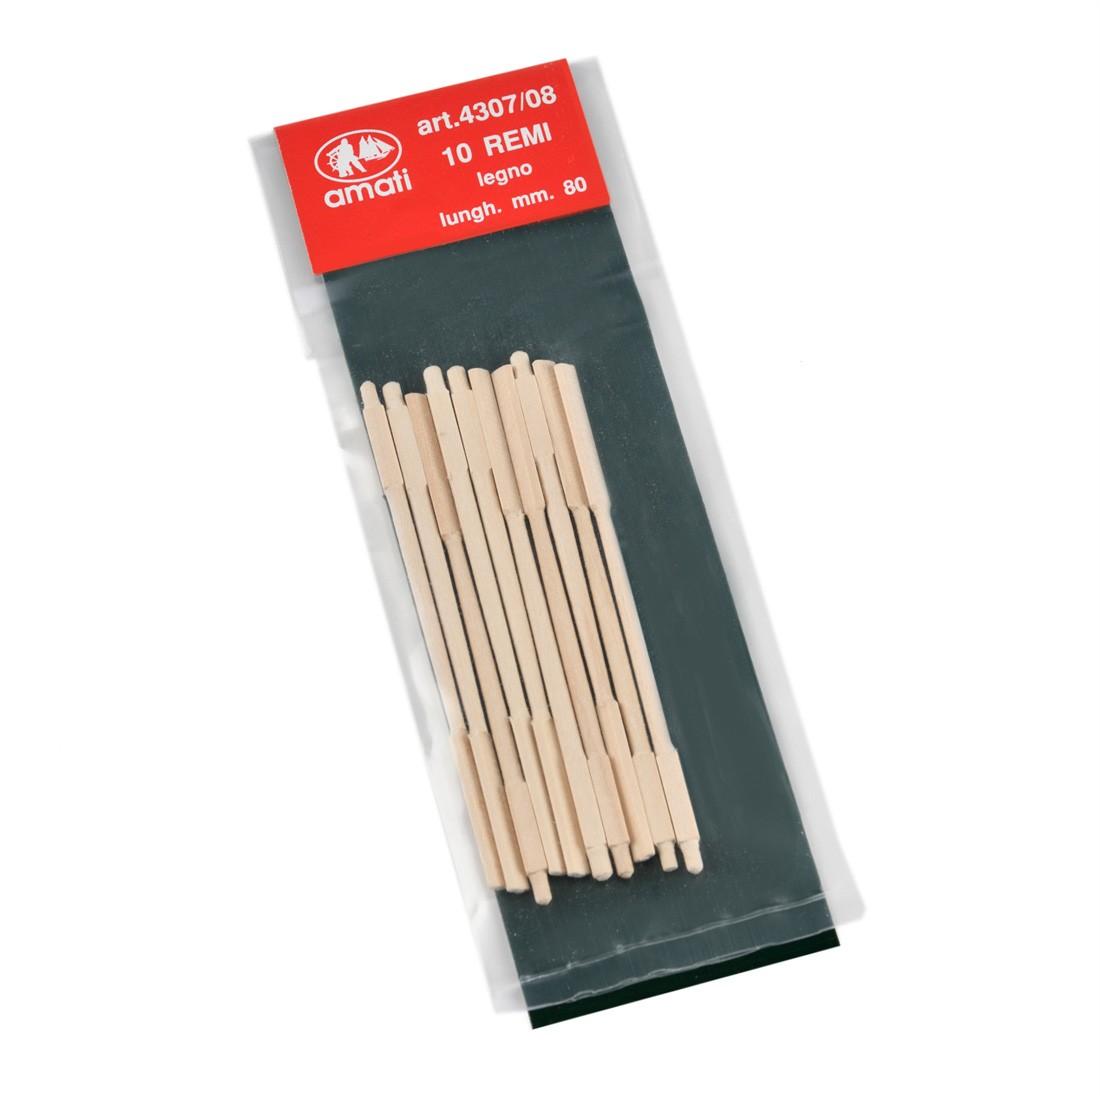 Wooden oars length mm.80